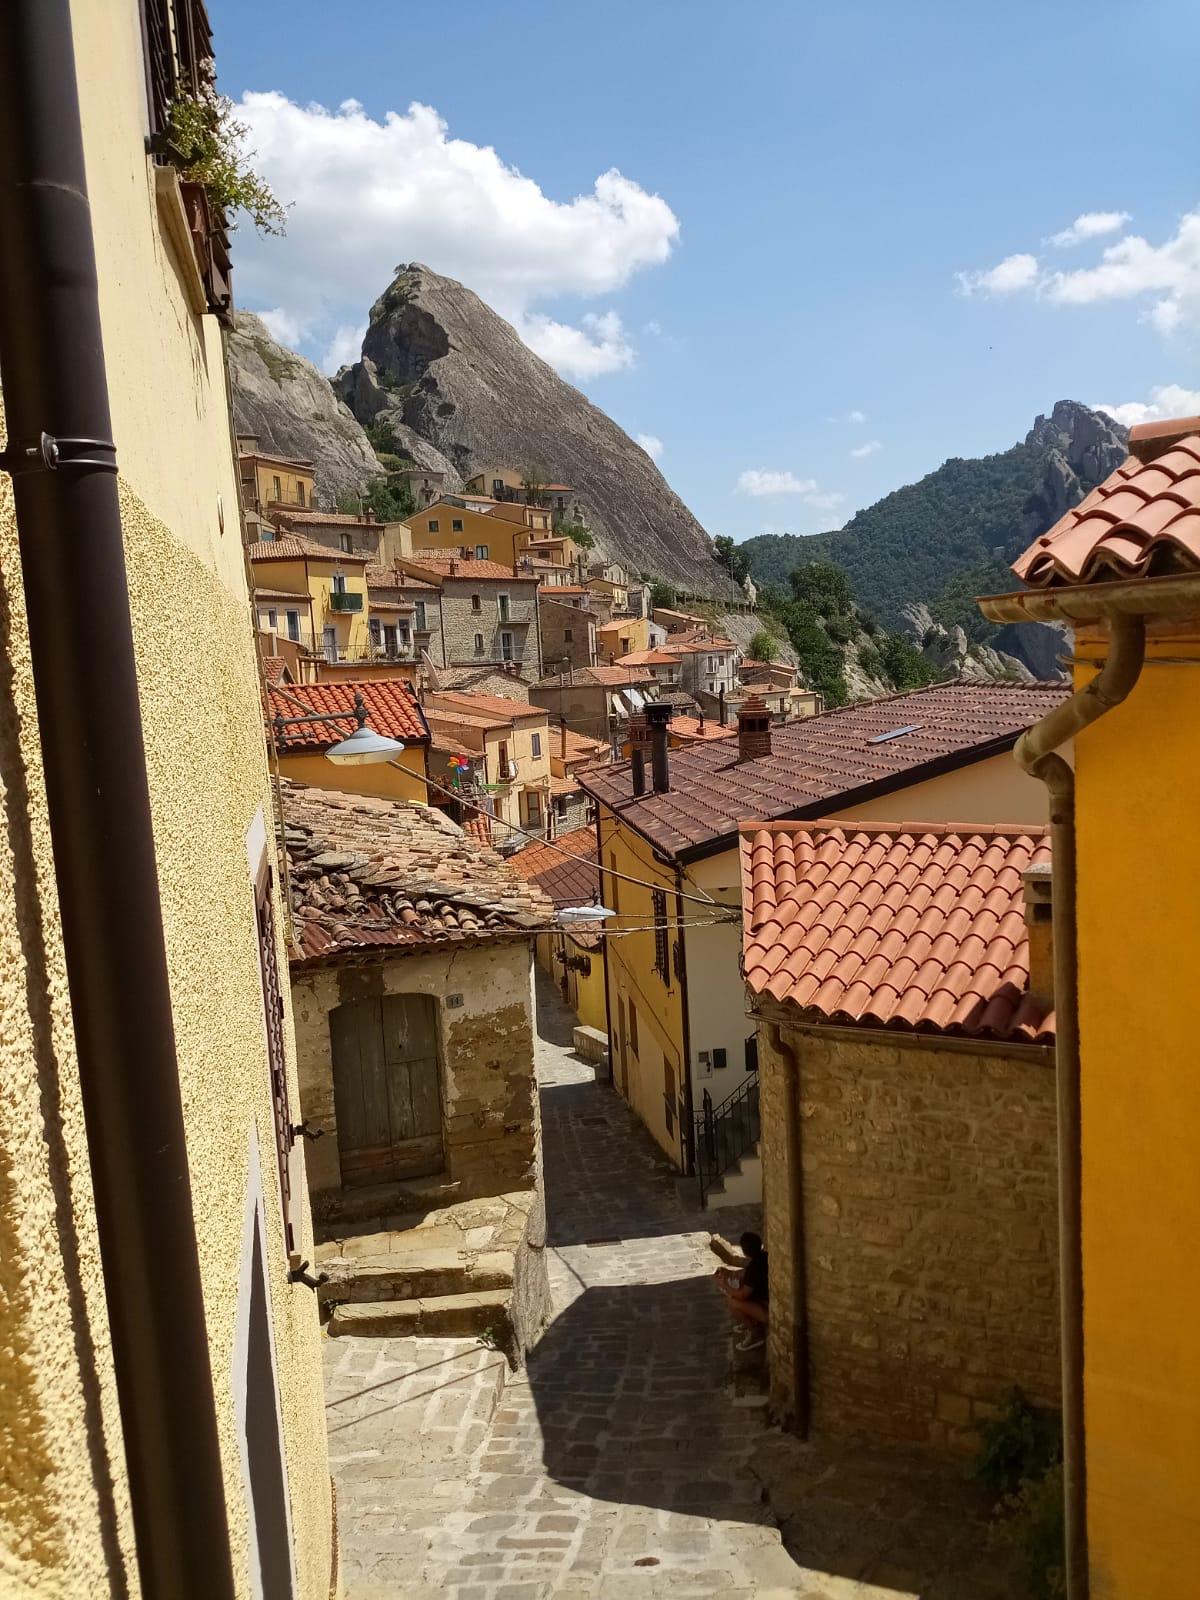 8ddb2841-20d6-45b3-b9f9-17be691d2e4c Le Dolomiti Lucane, il cuore della Basilicata.